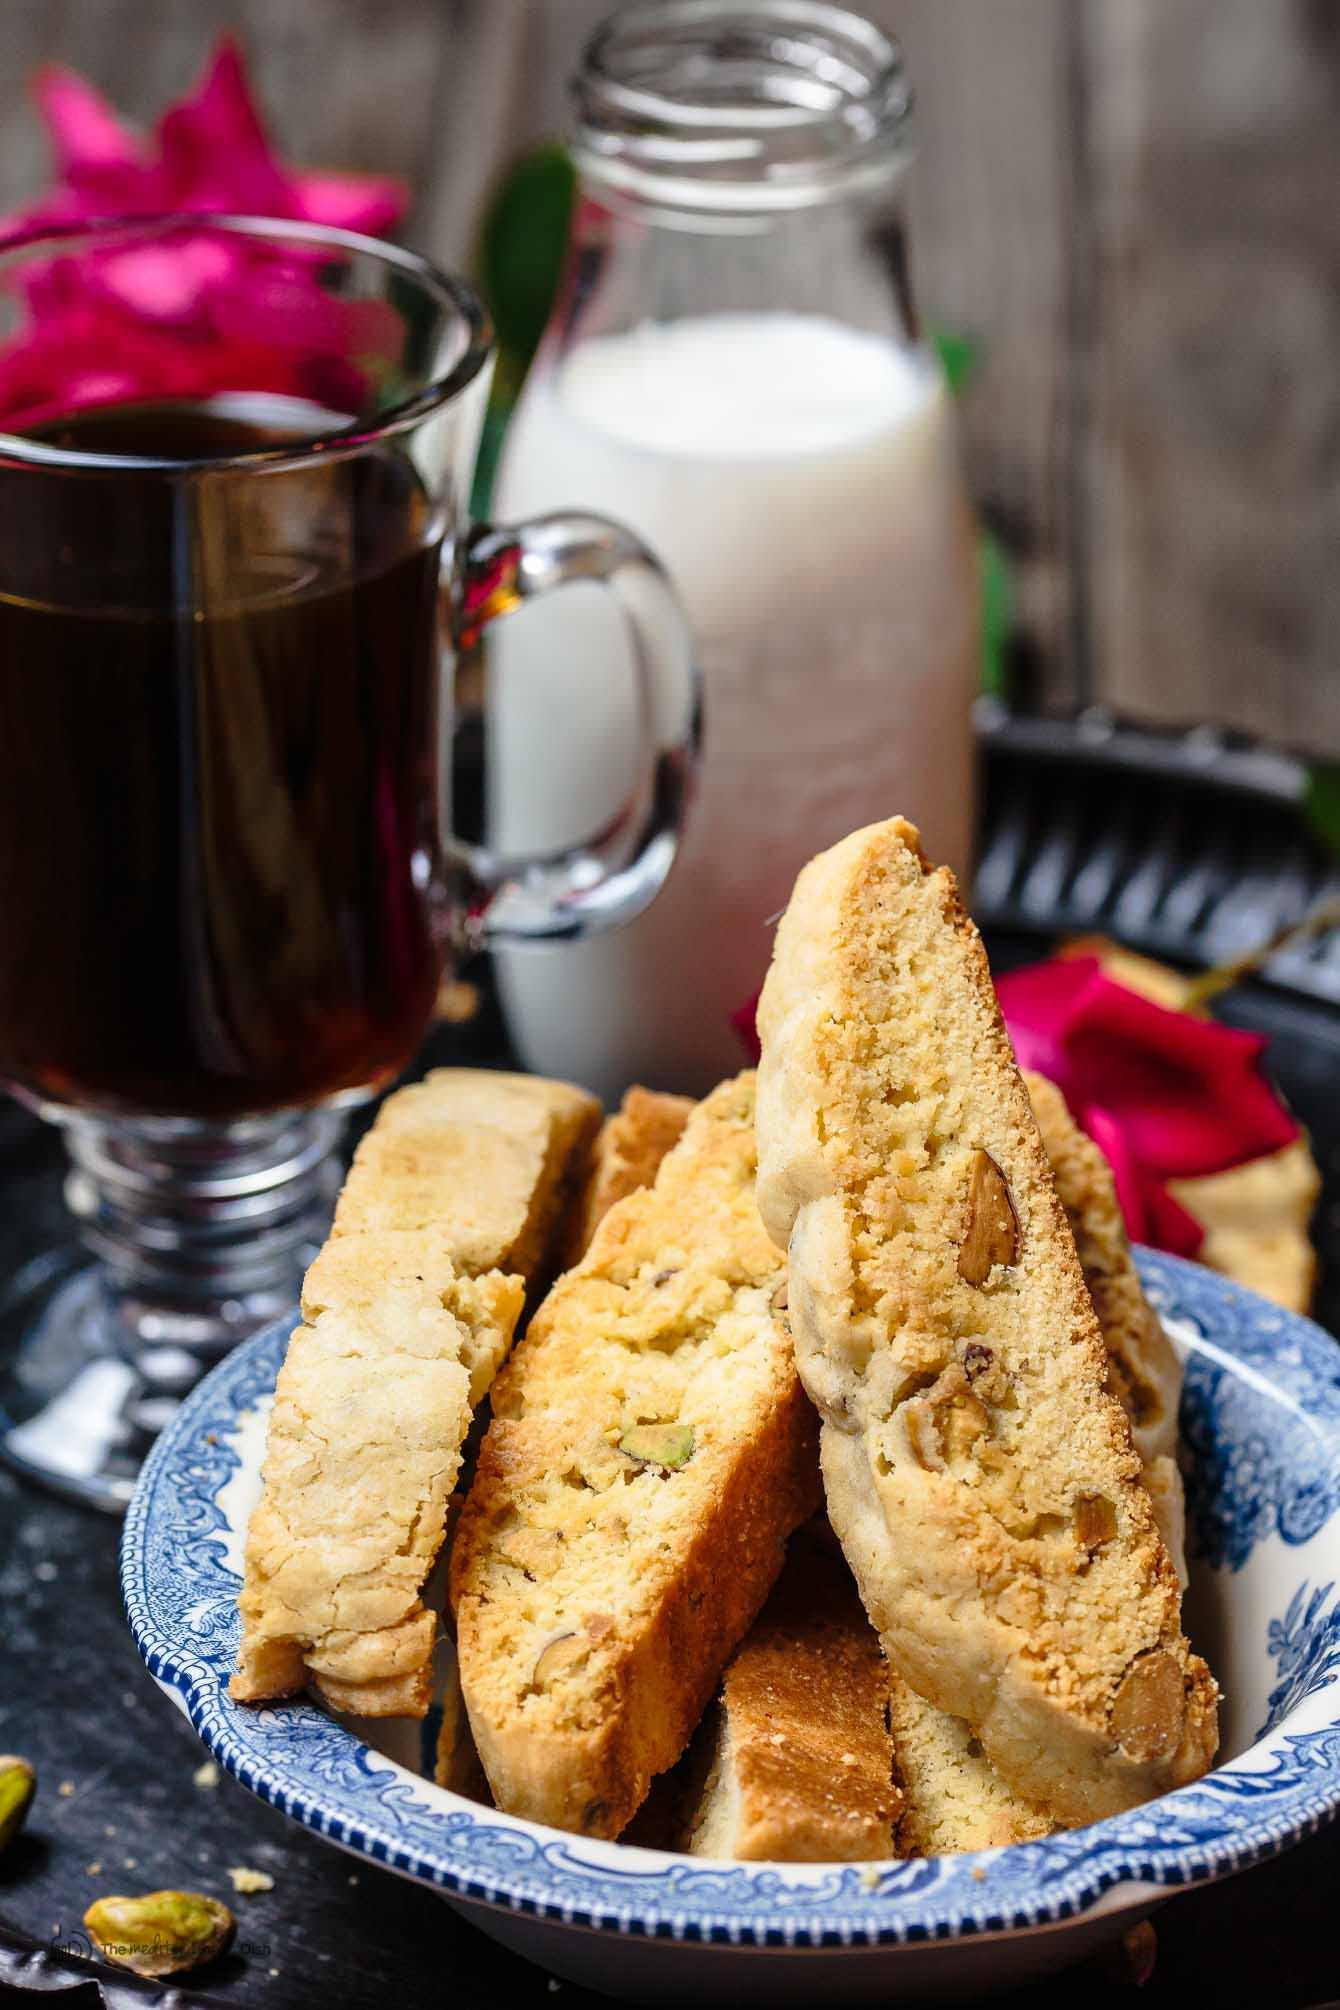 Italian Biscotti Recipe  Easy Biscotti Recipe with Pistachios and Cardamom